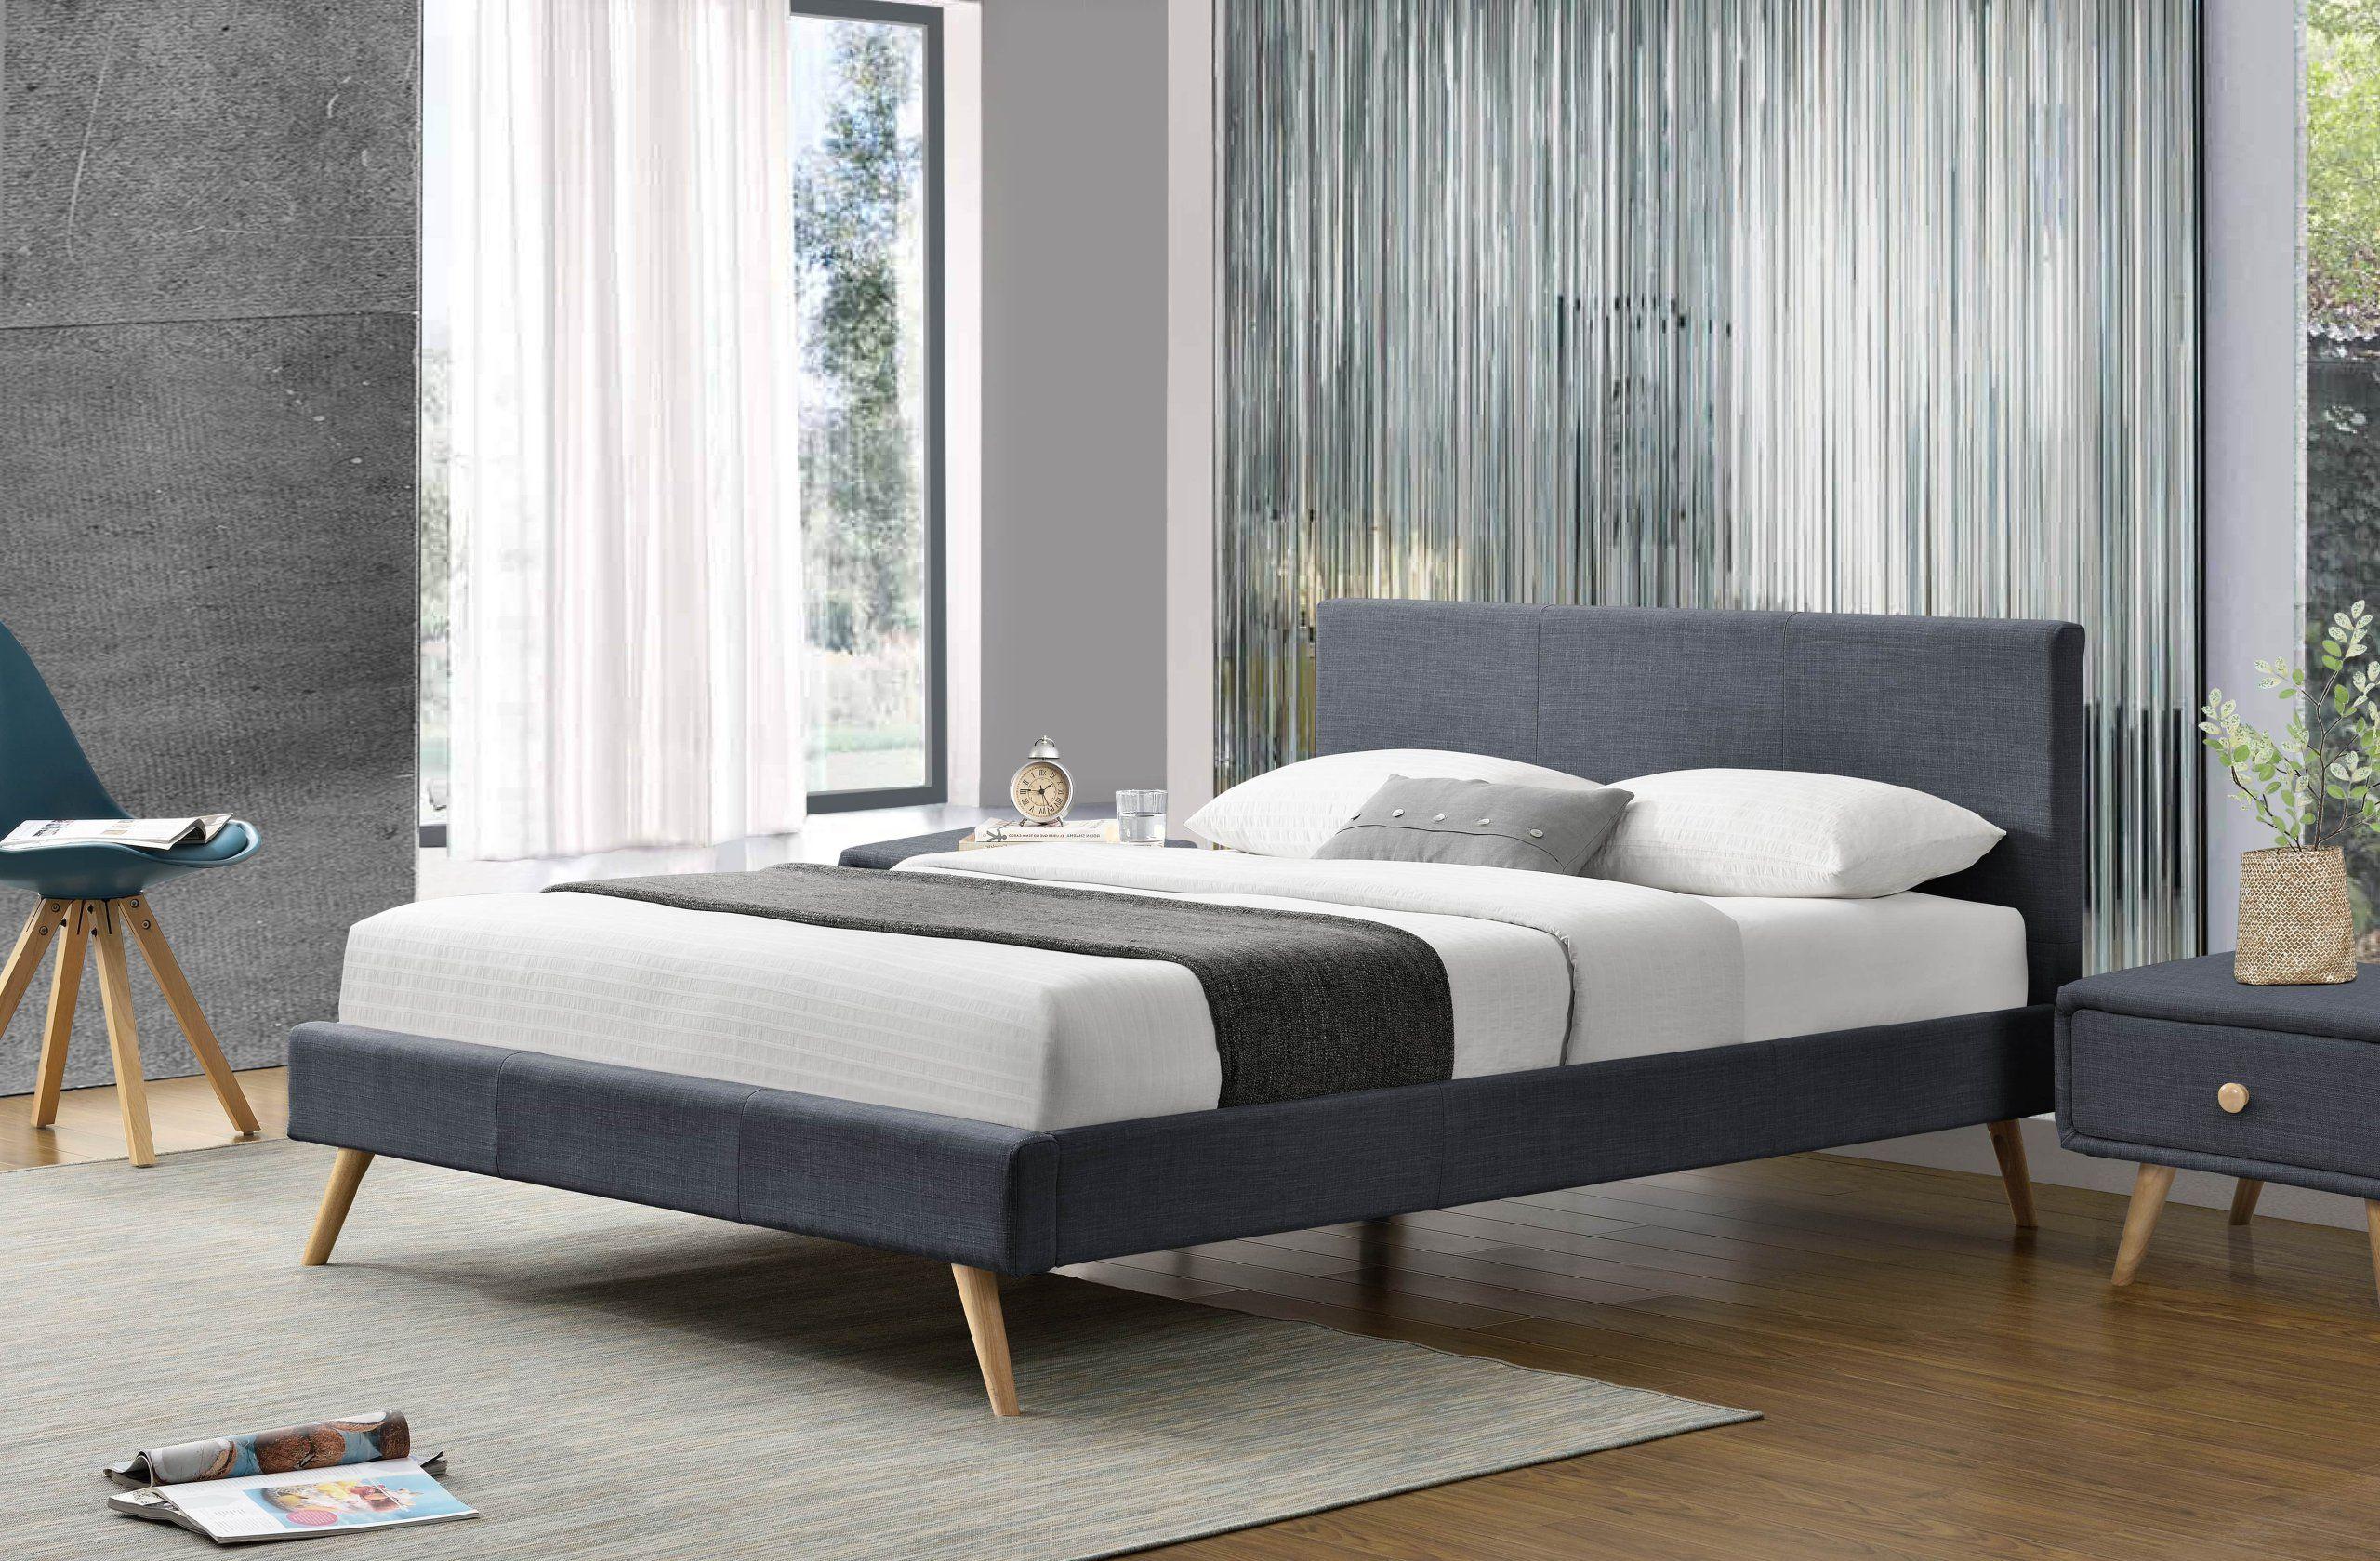 łóżko Tapicerowane 1199 180x200 Z Materacem W 2019